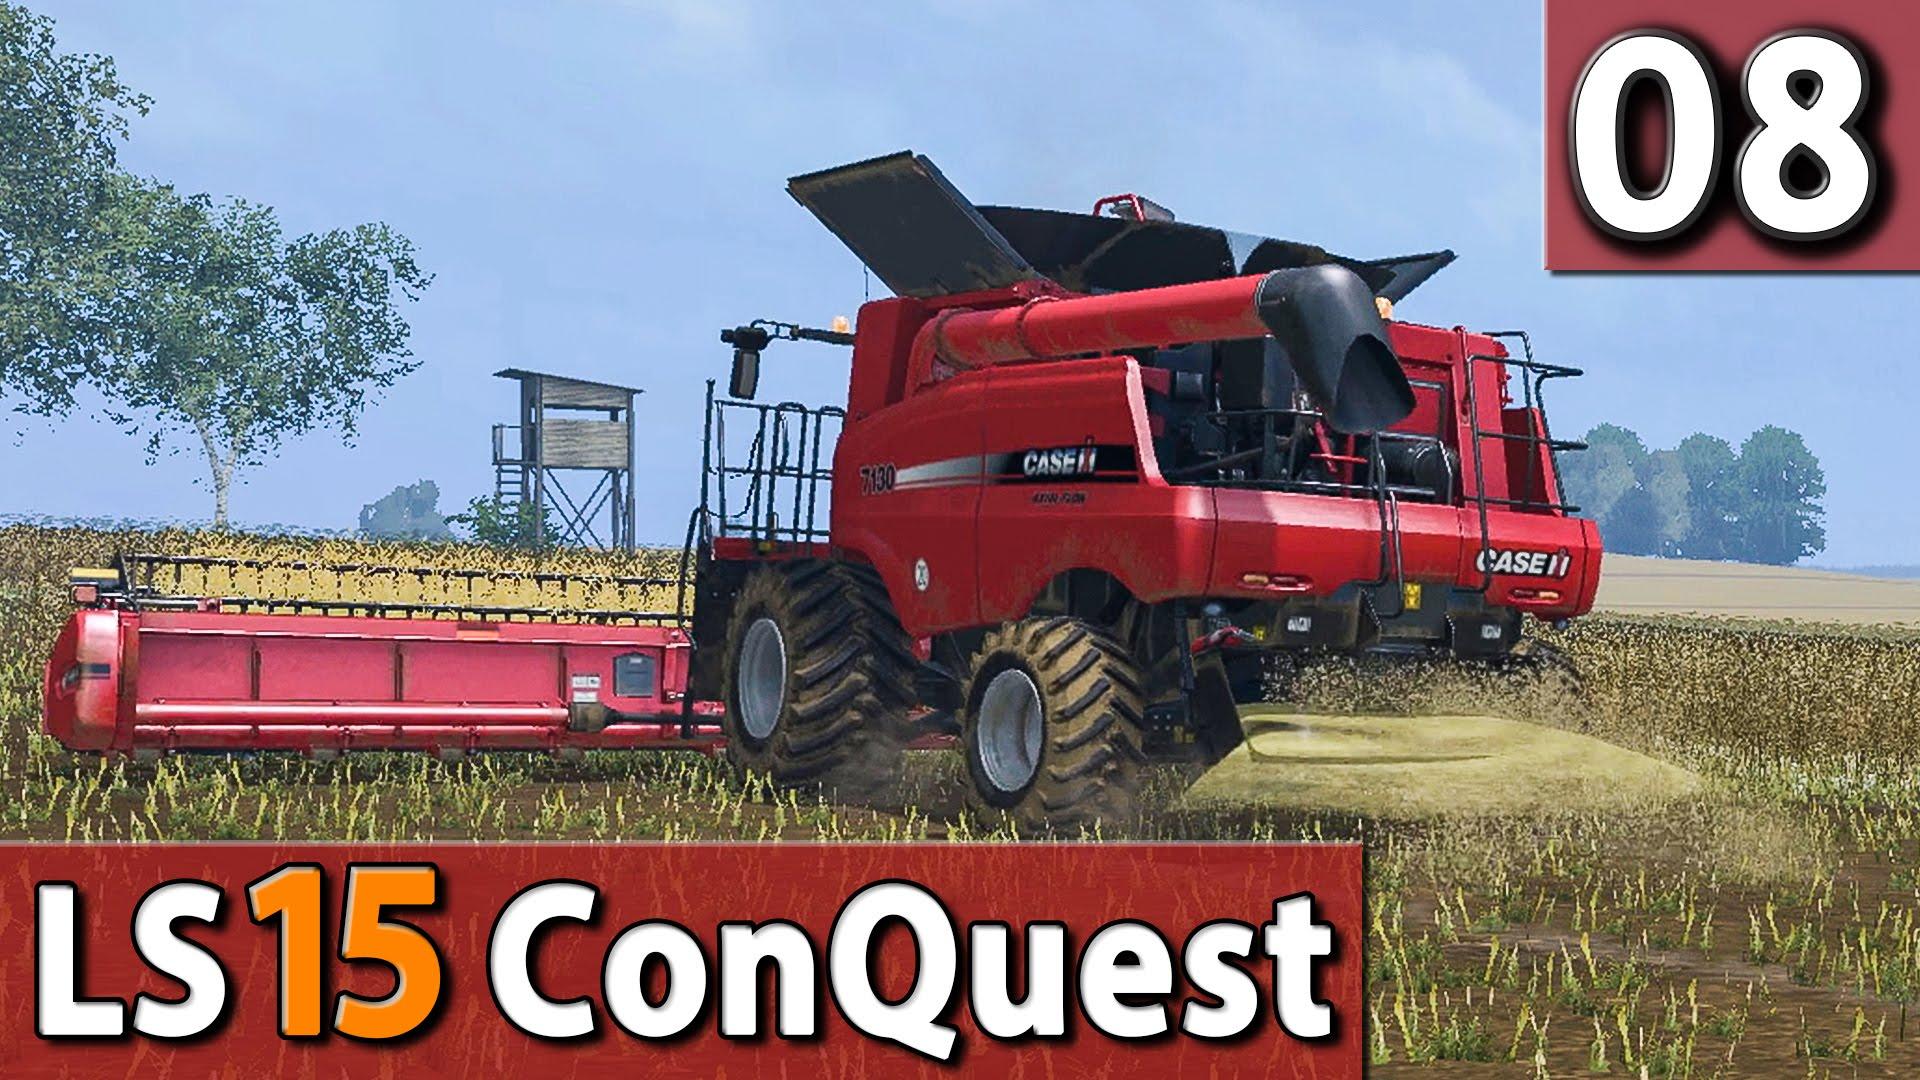 LS15 ConQuest #8 Maschinenplanung 60 FPS